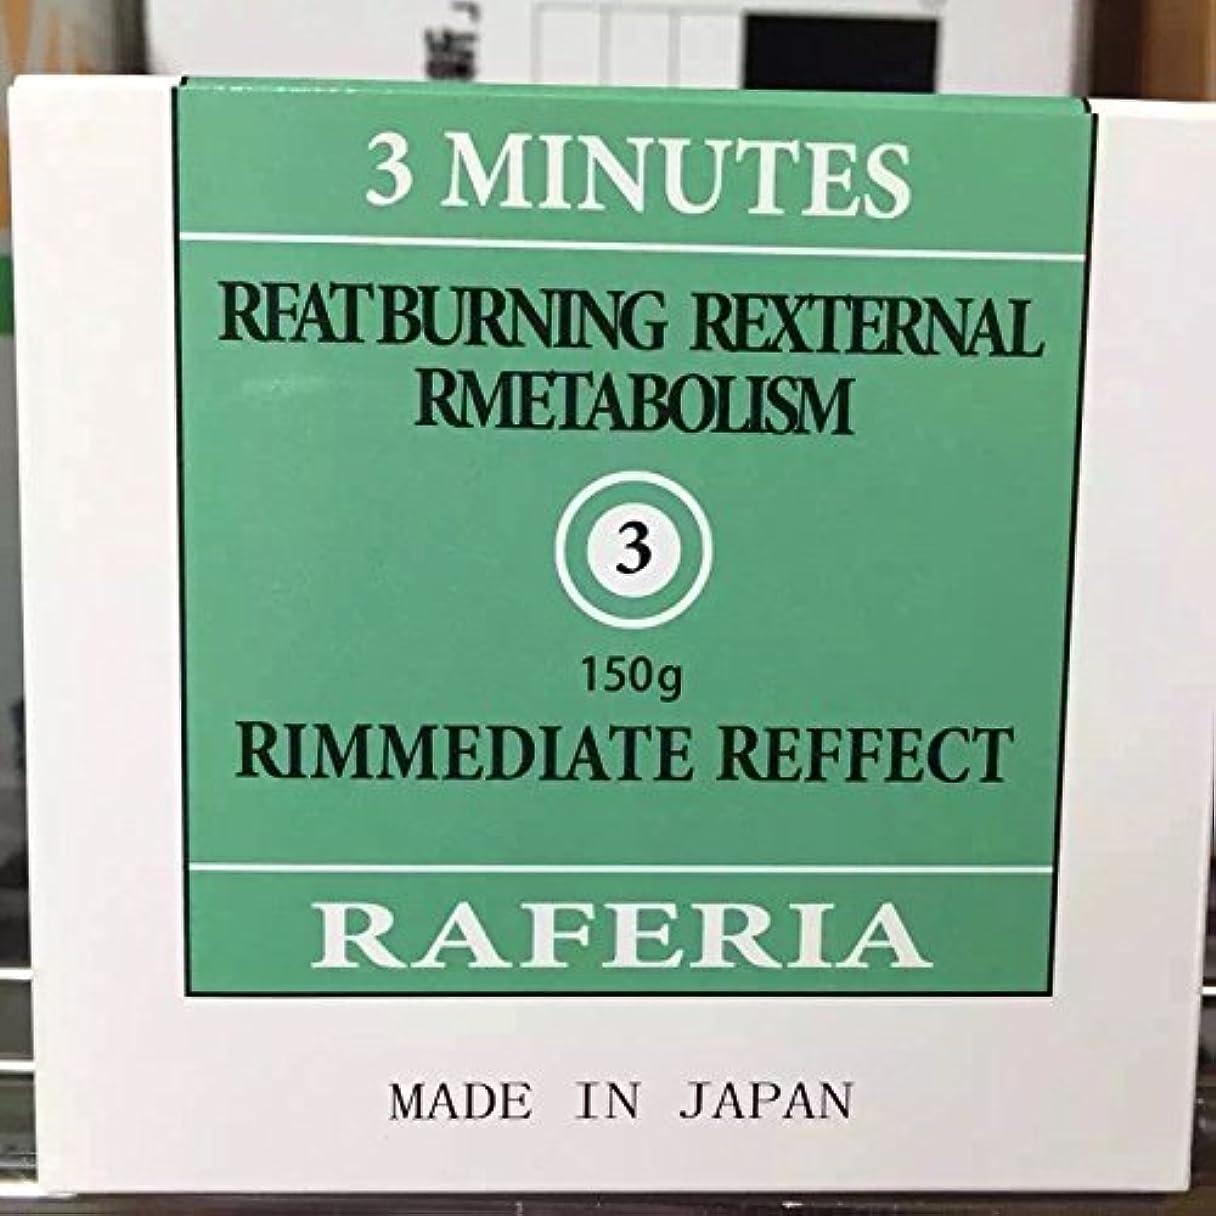 仲間、同僚皮肉栄養RAFERIA 3MINUTES 銀座ビューティジェル ボディクリーム